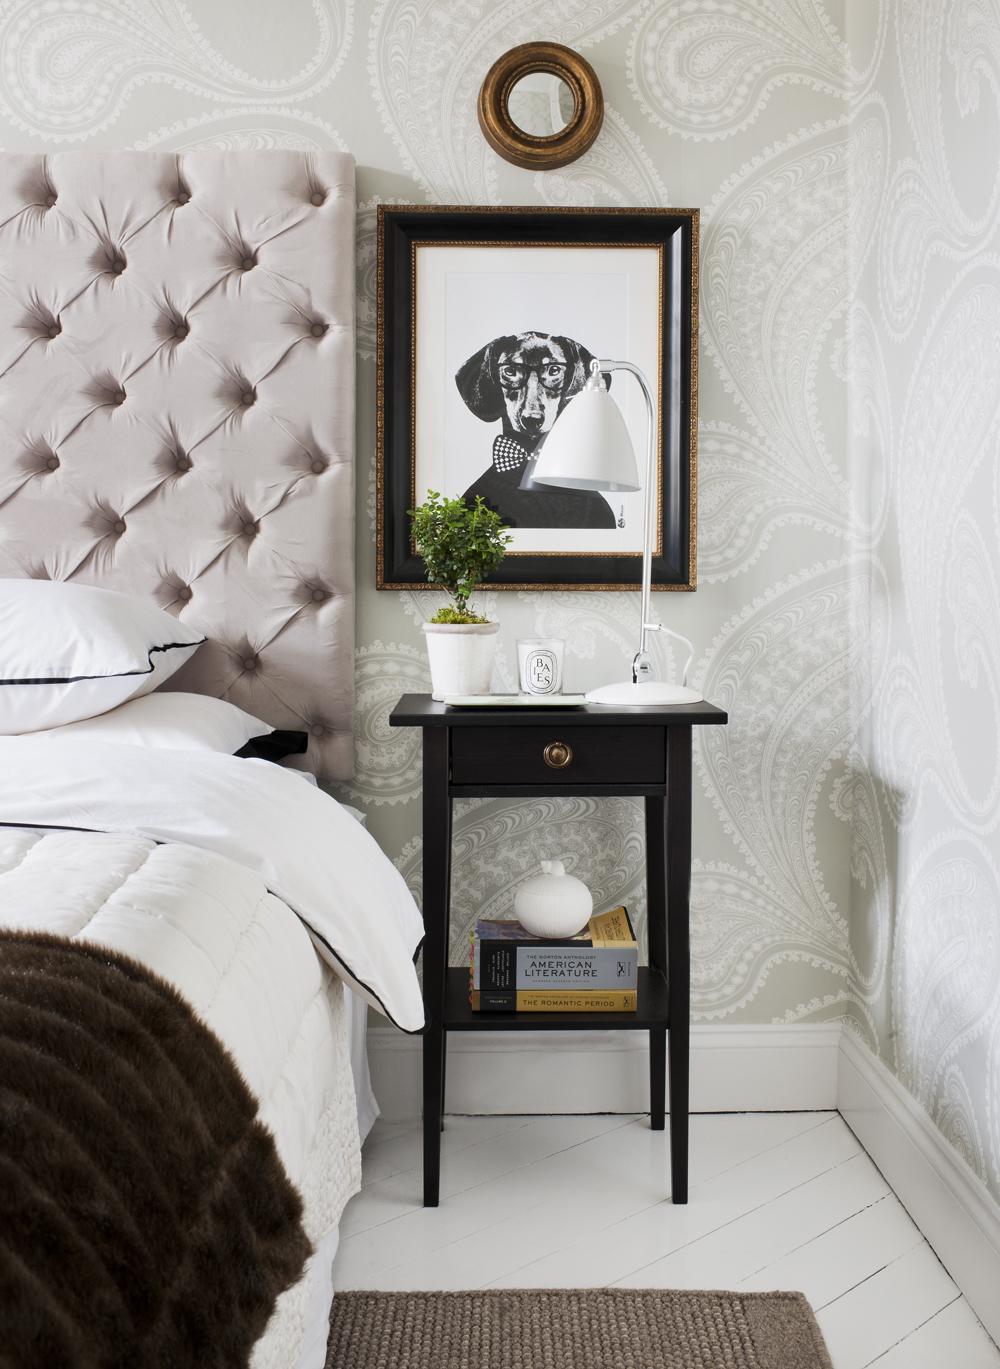 Stockholm vitt   interior design: january 2013